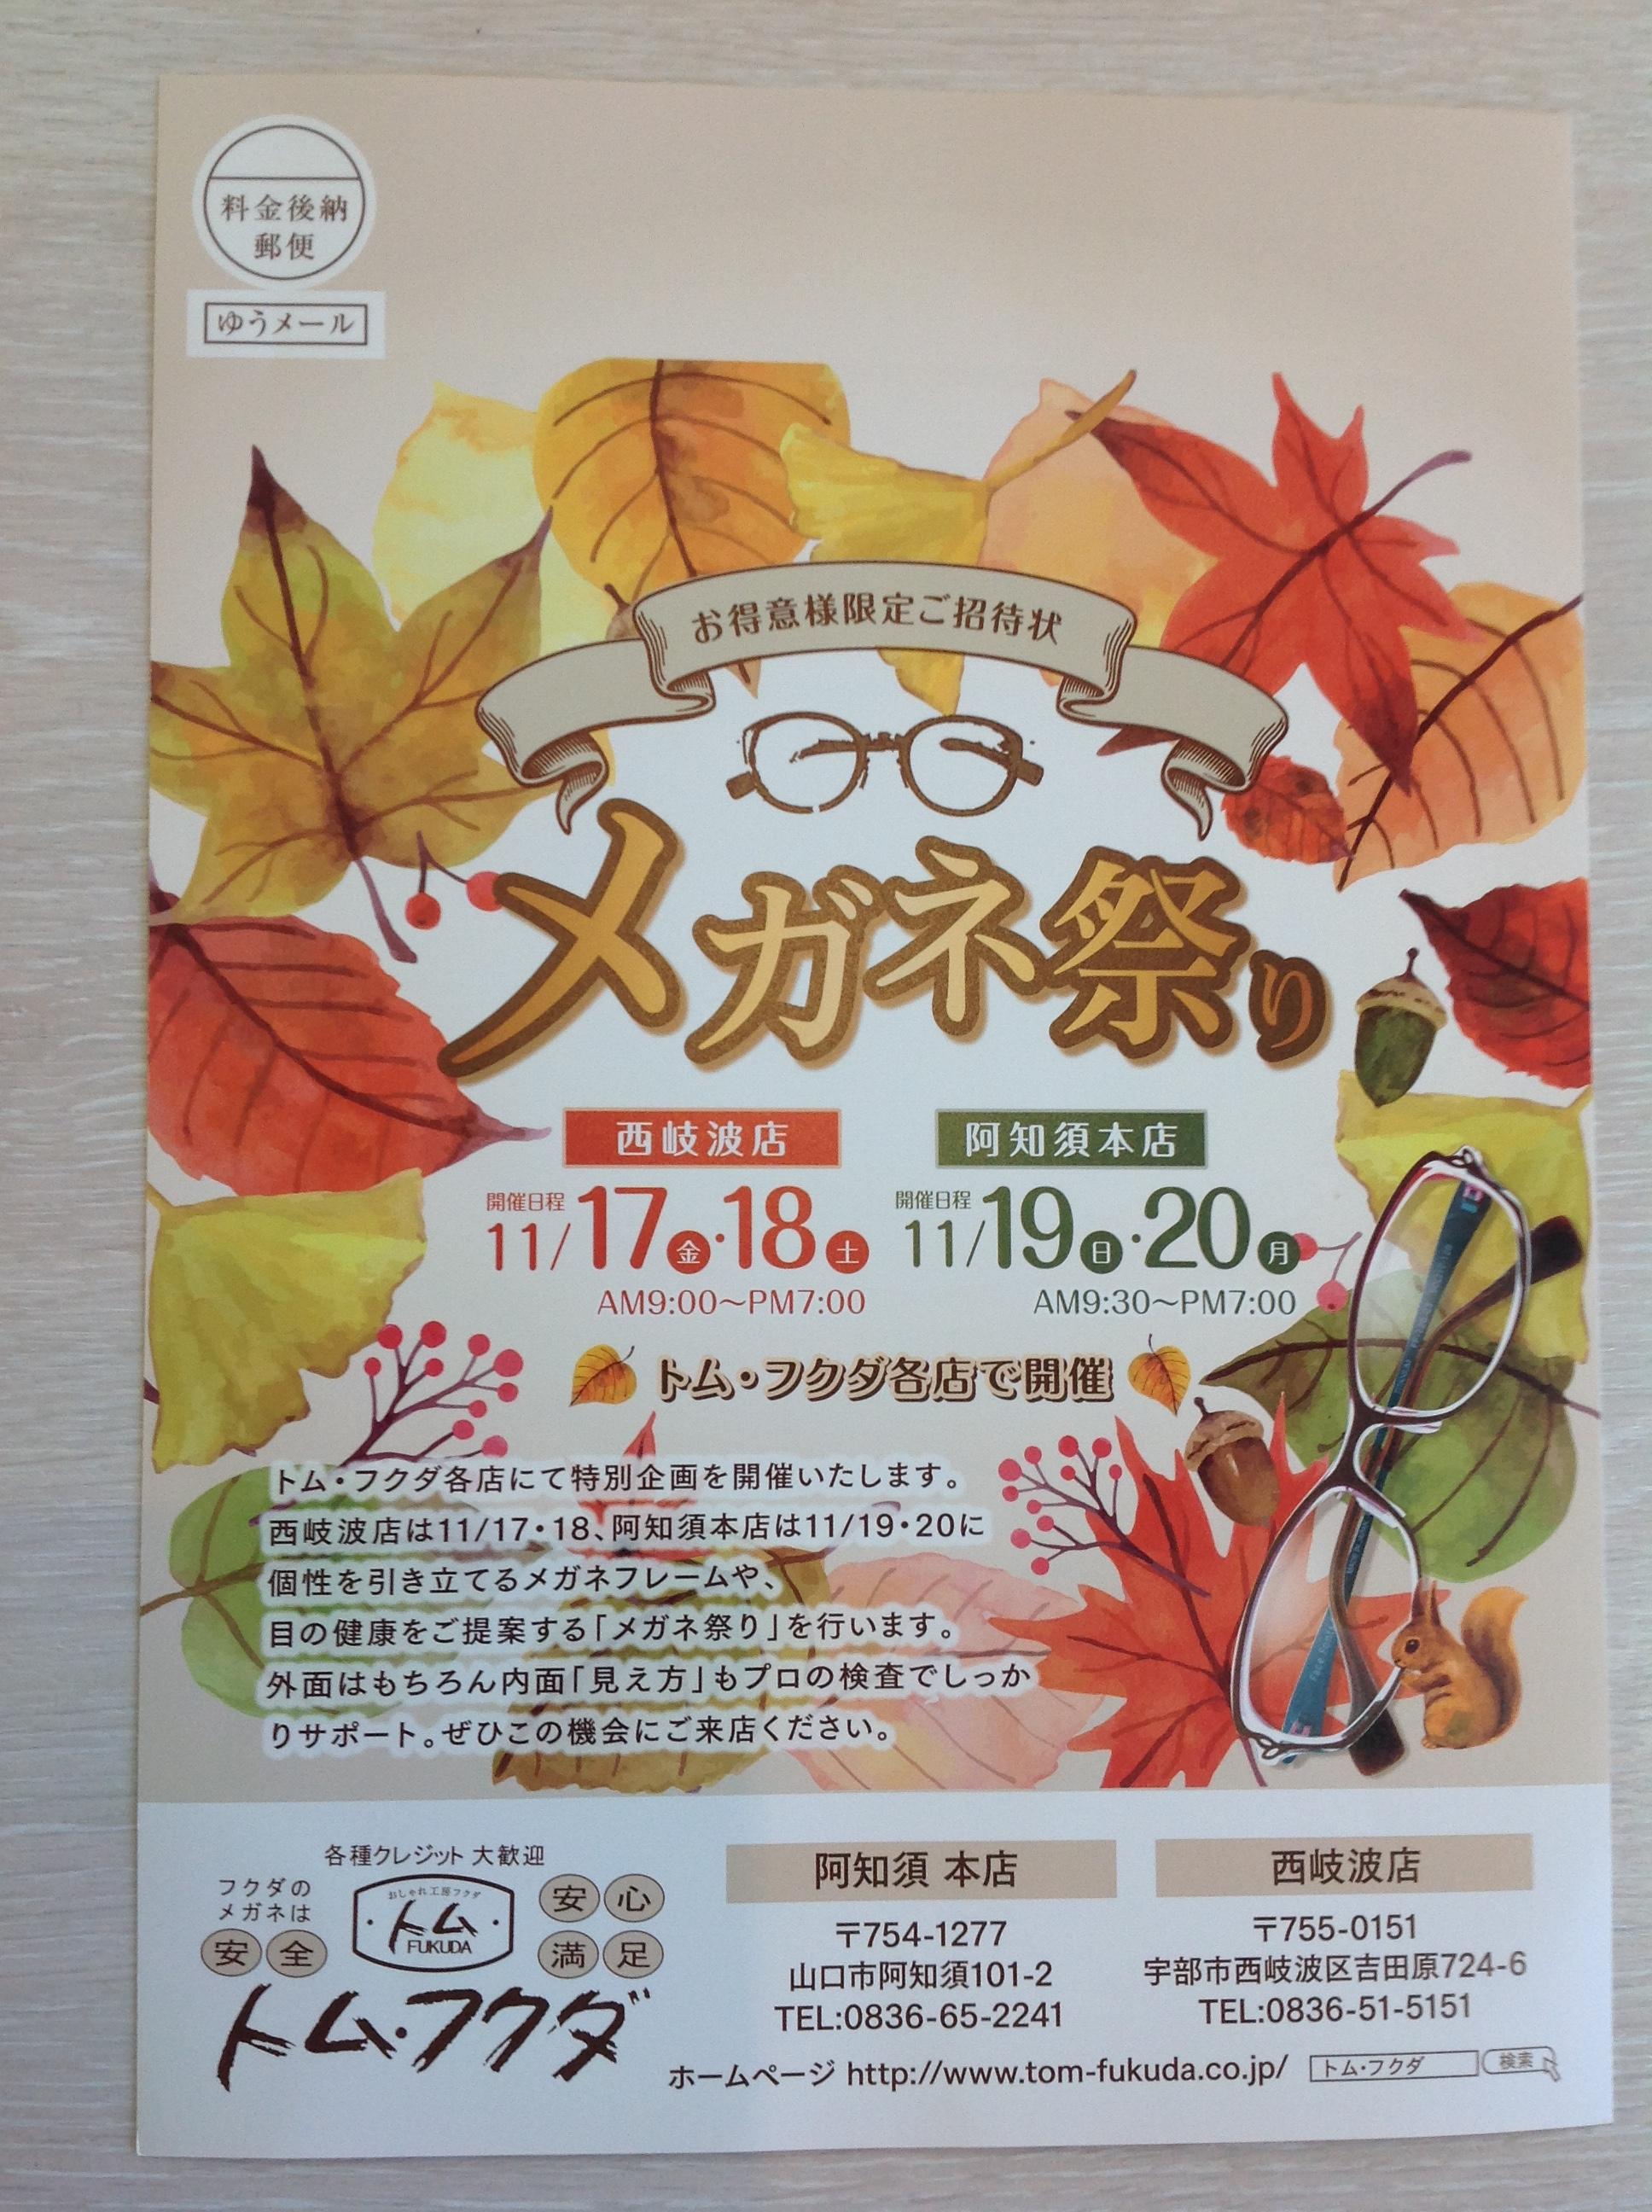 トム・フクダ 秋のメガネ祭り